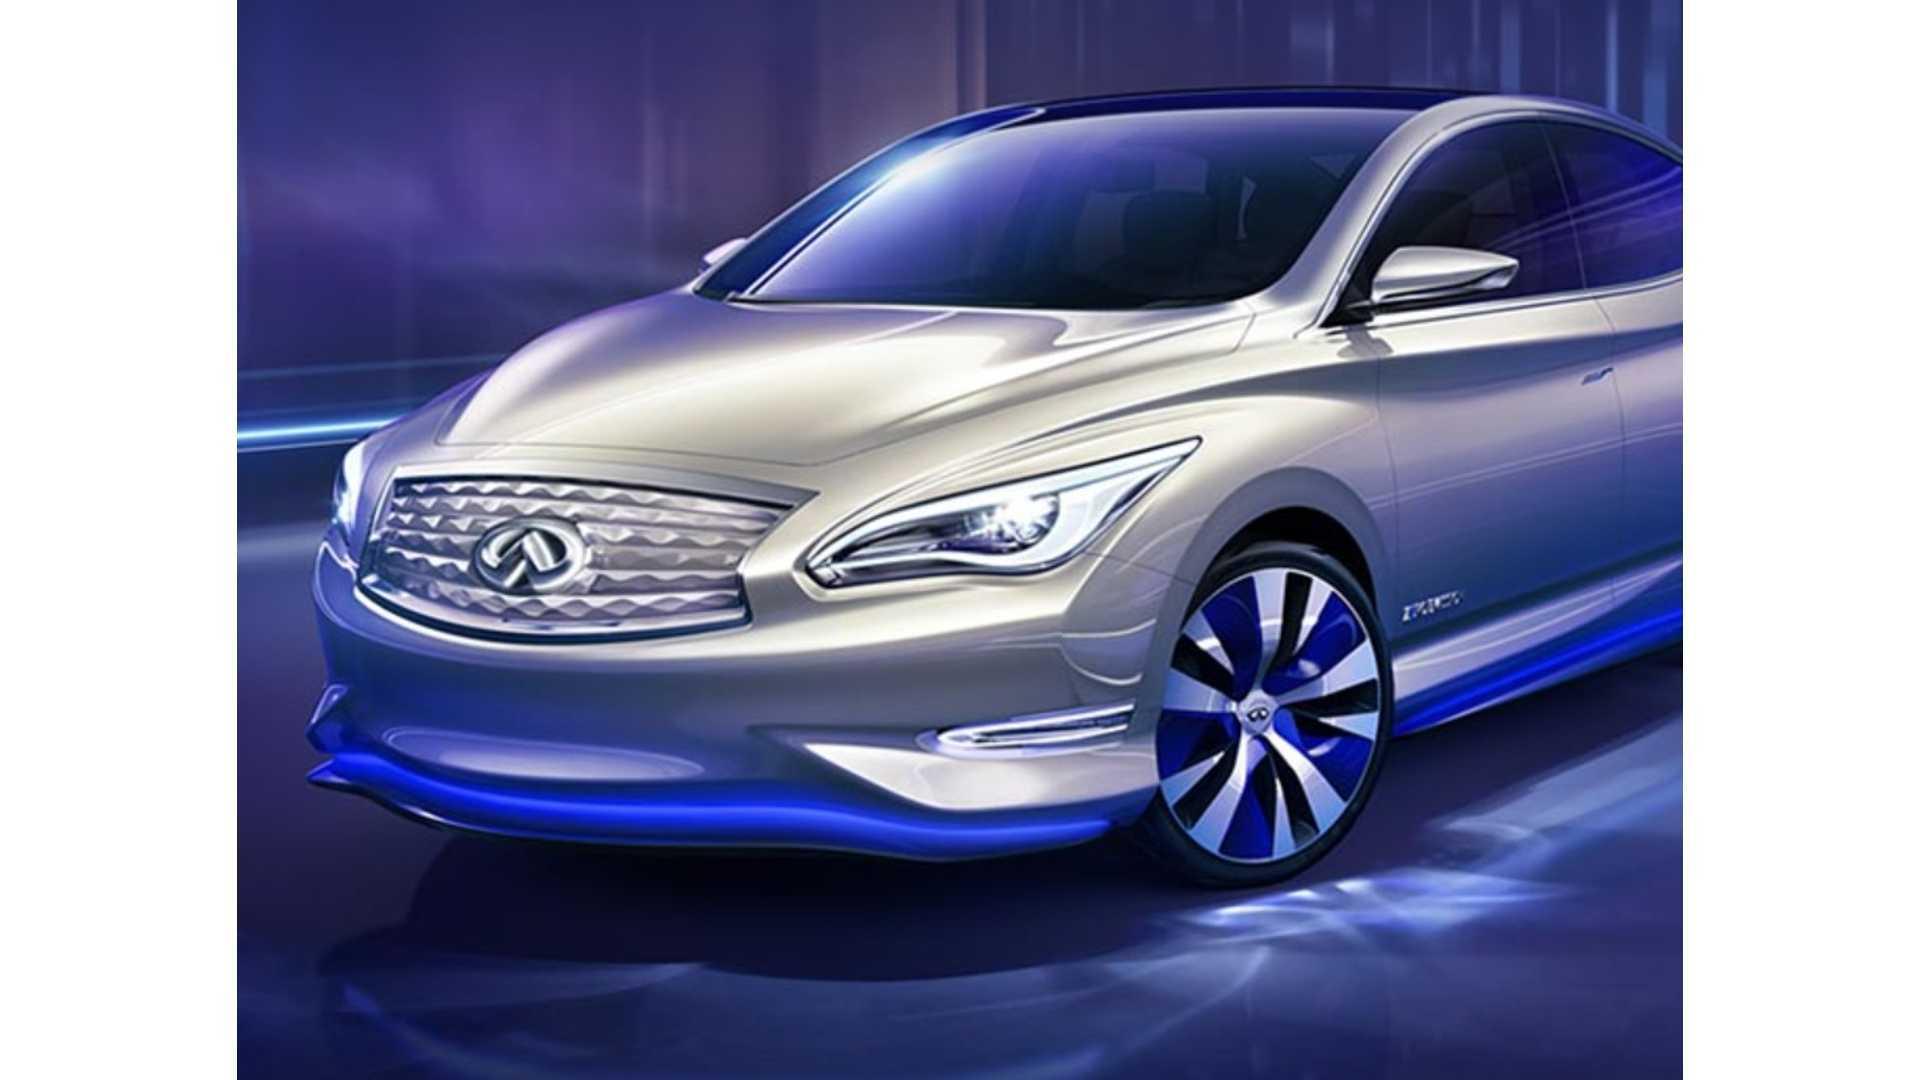 Nissan Provides Details On Next Generation Leaf Luxury Infiniti Ev Track For 2017 Debut